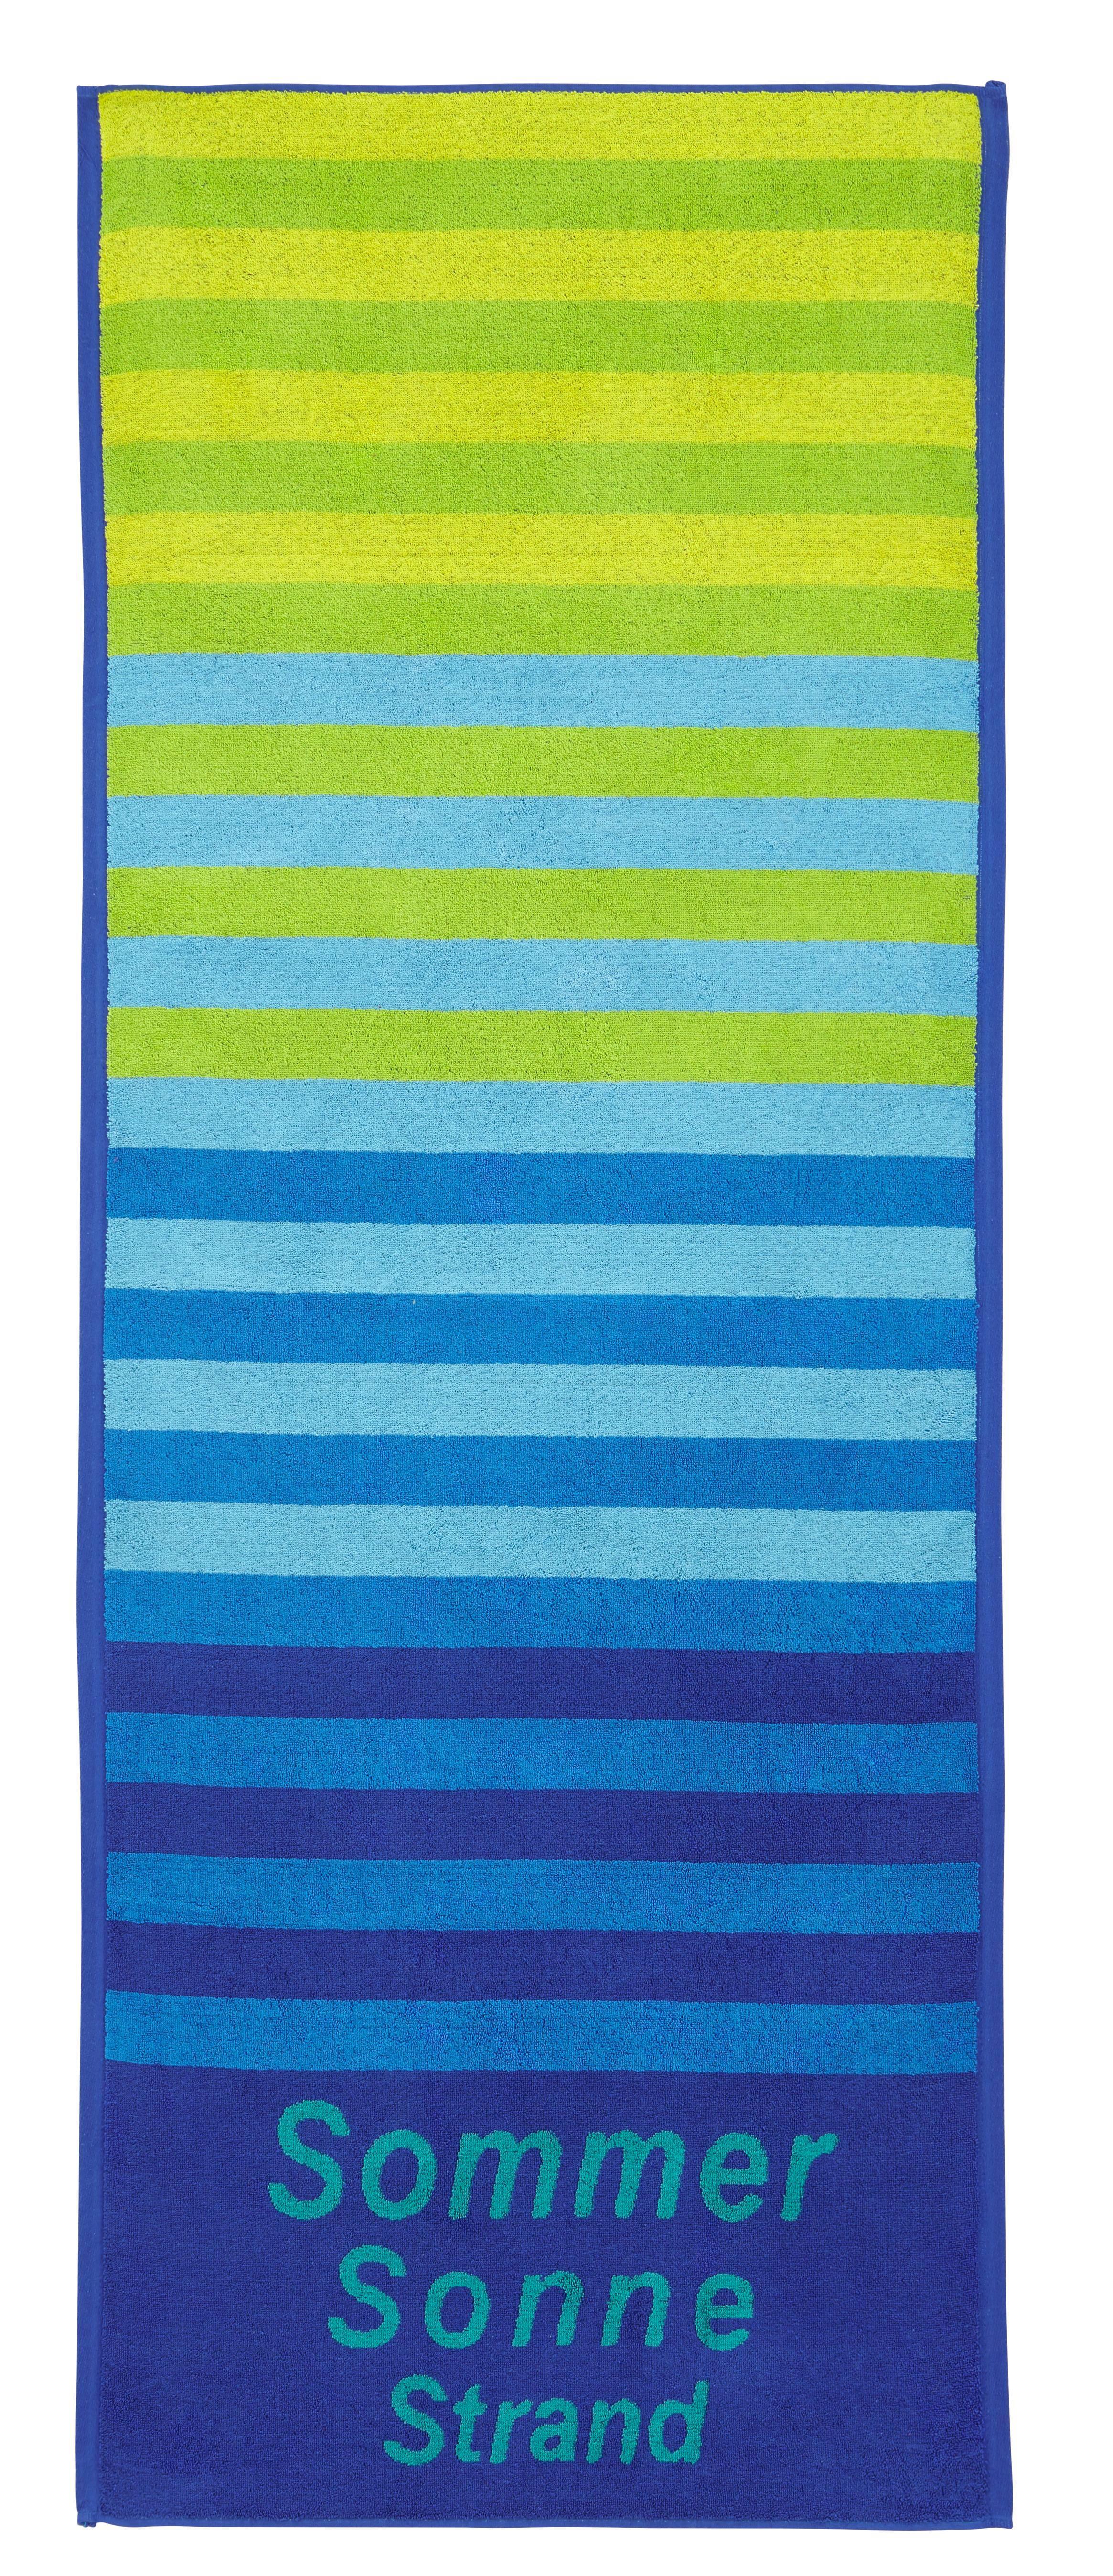 Strandtuch Dyckhoff 70x180cm - Blau, KONVENTIONELL, Textil (70/180cm) - DYCKHOFF